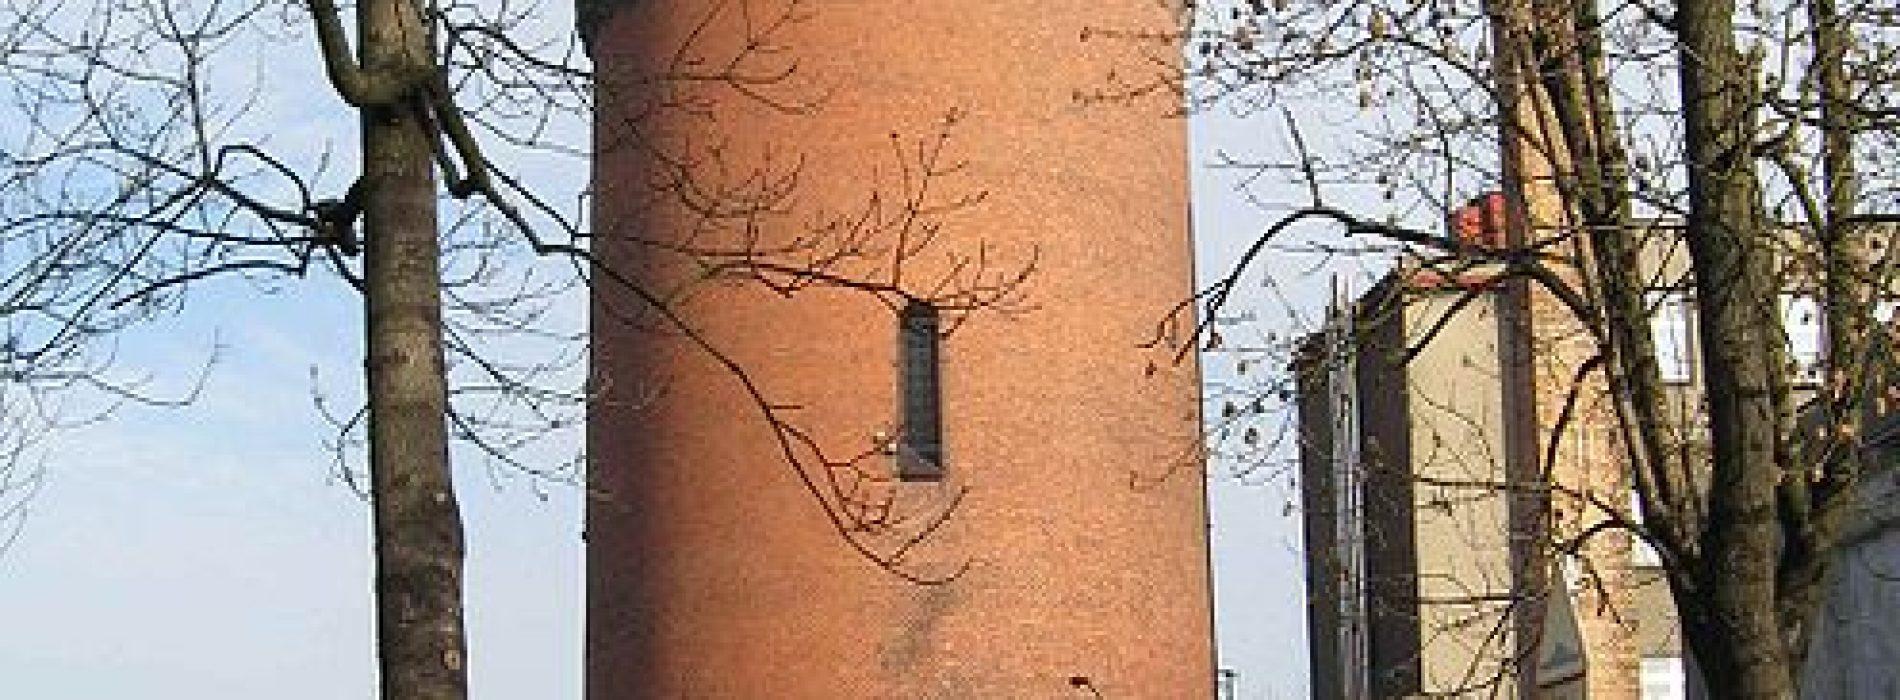 Leszczyńskie Centrum Nauki może powstać w wieży ciśnień